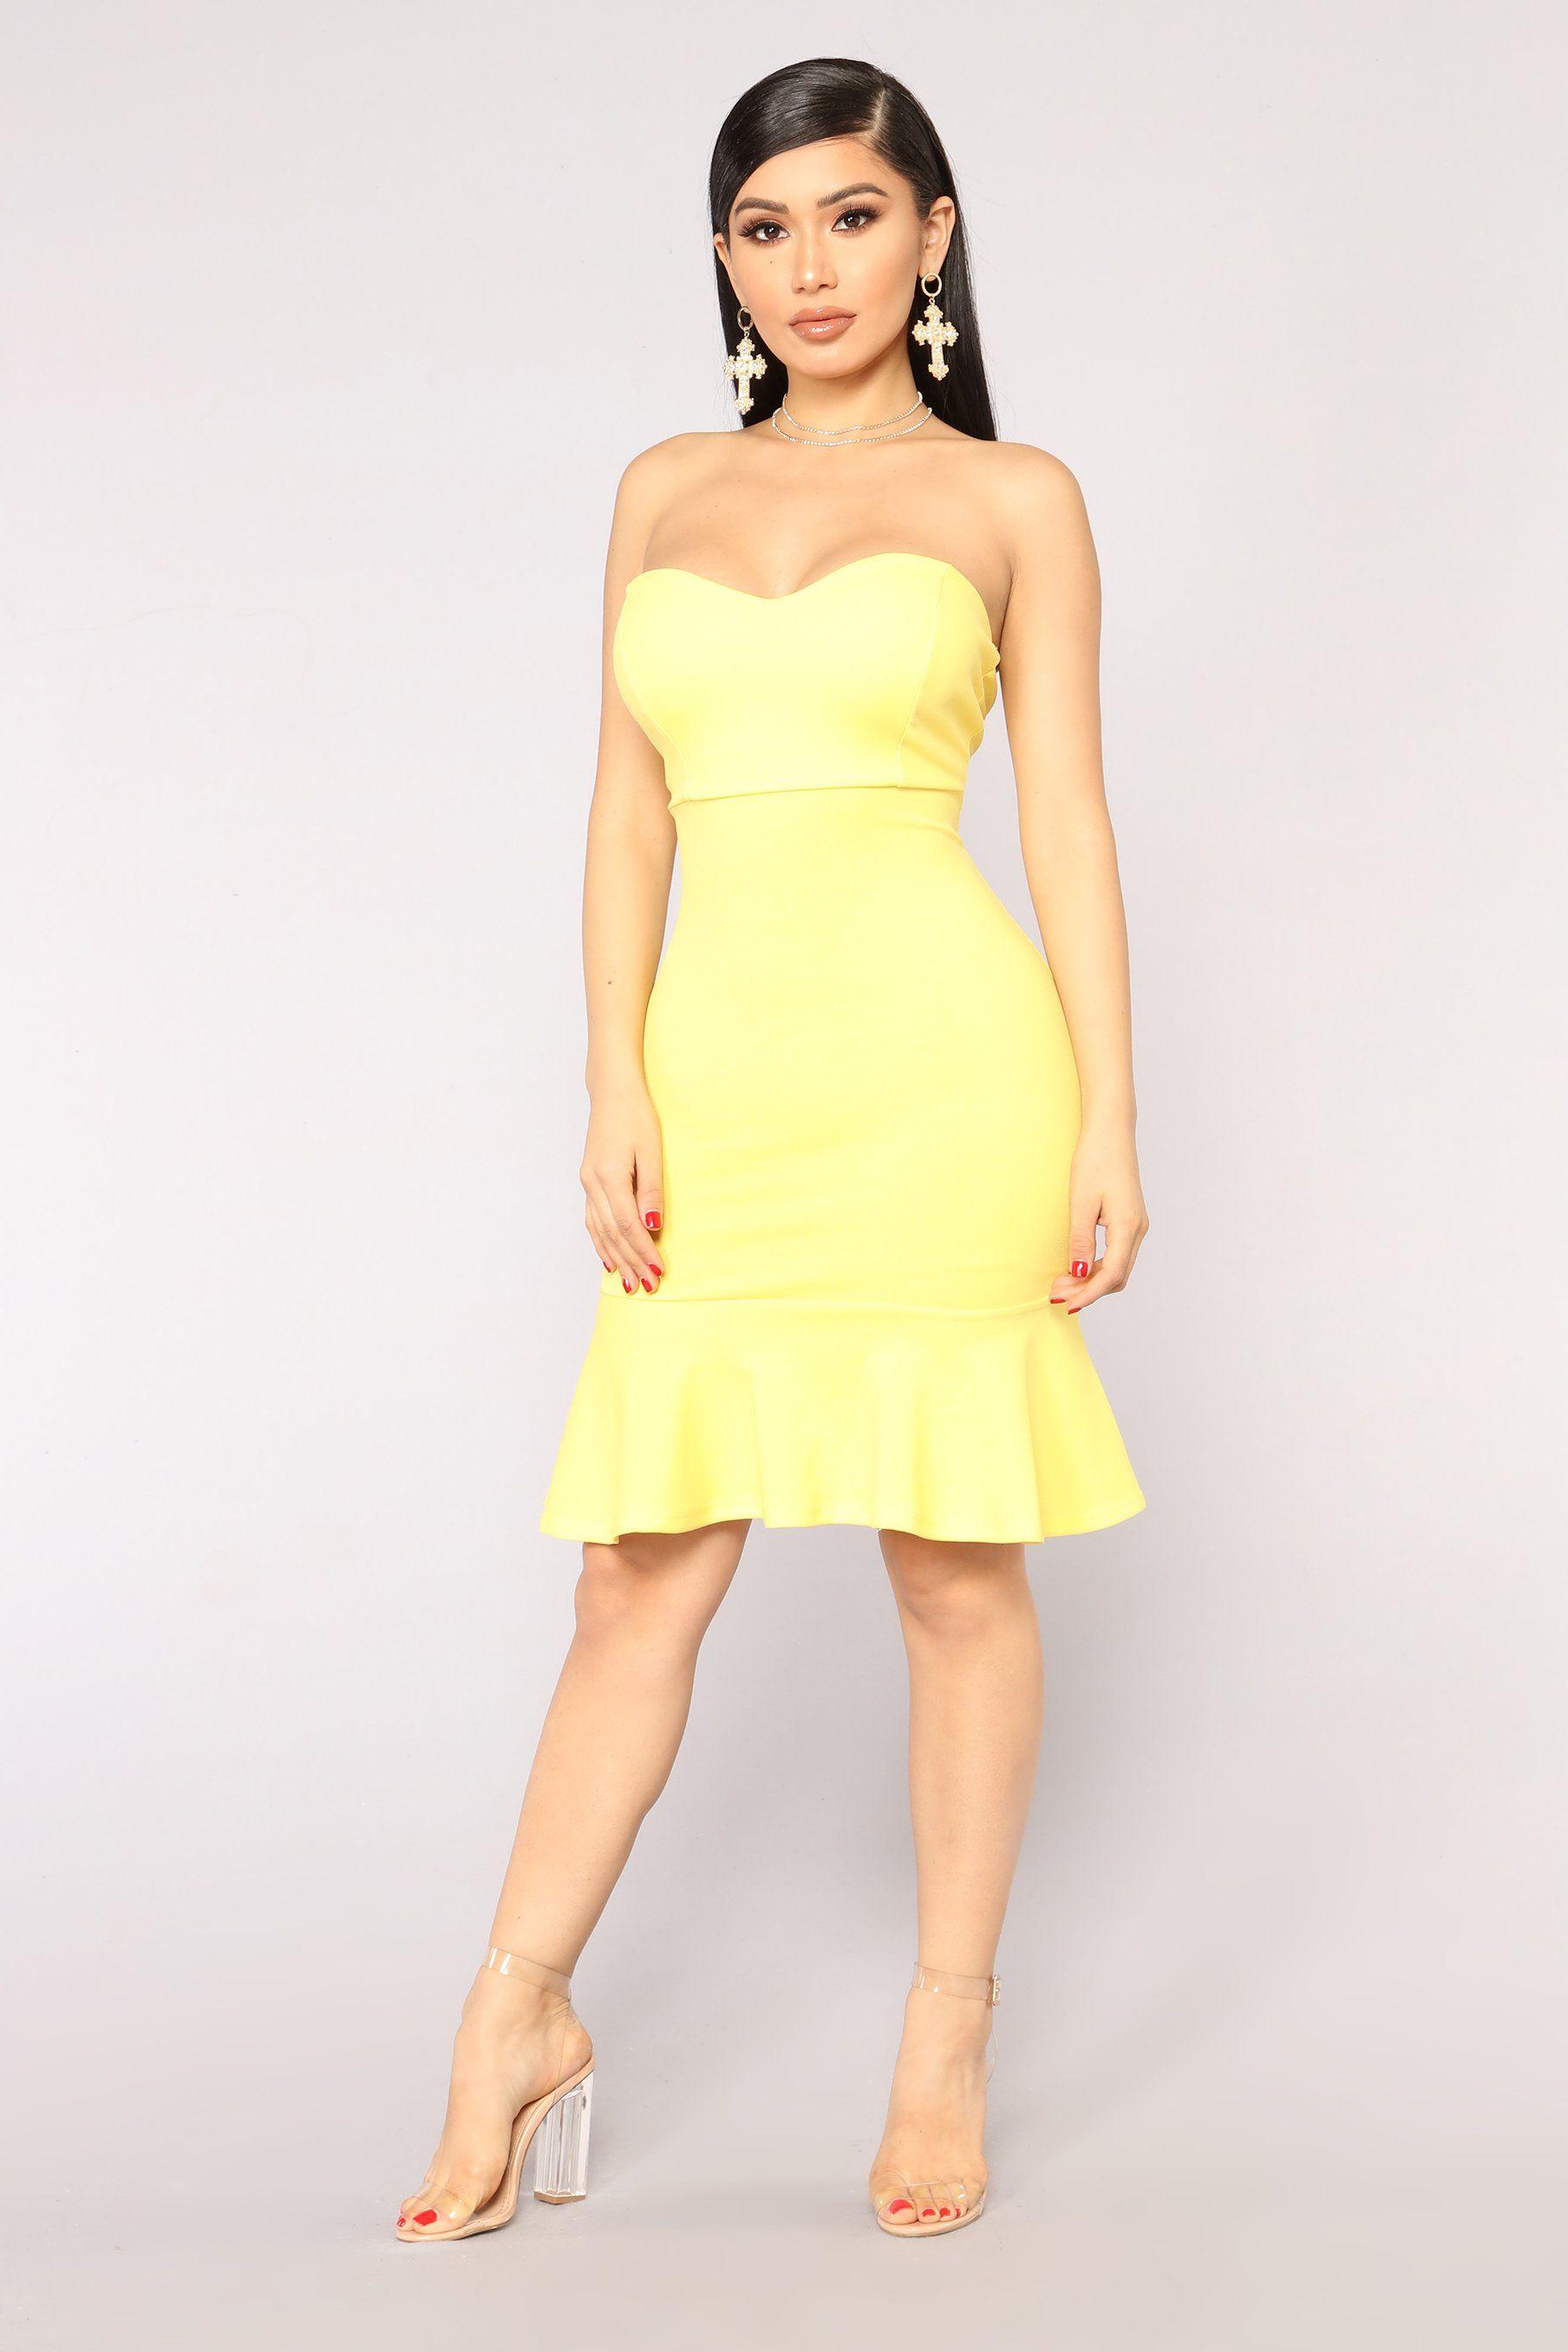 Deeanne Tube Dress - Yellow | Tube